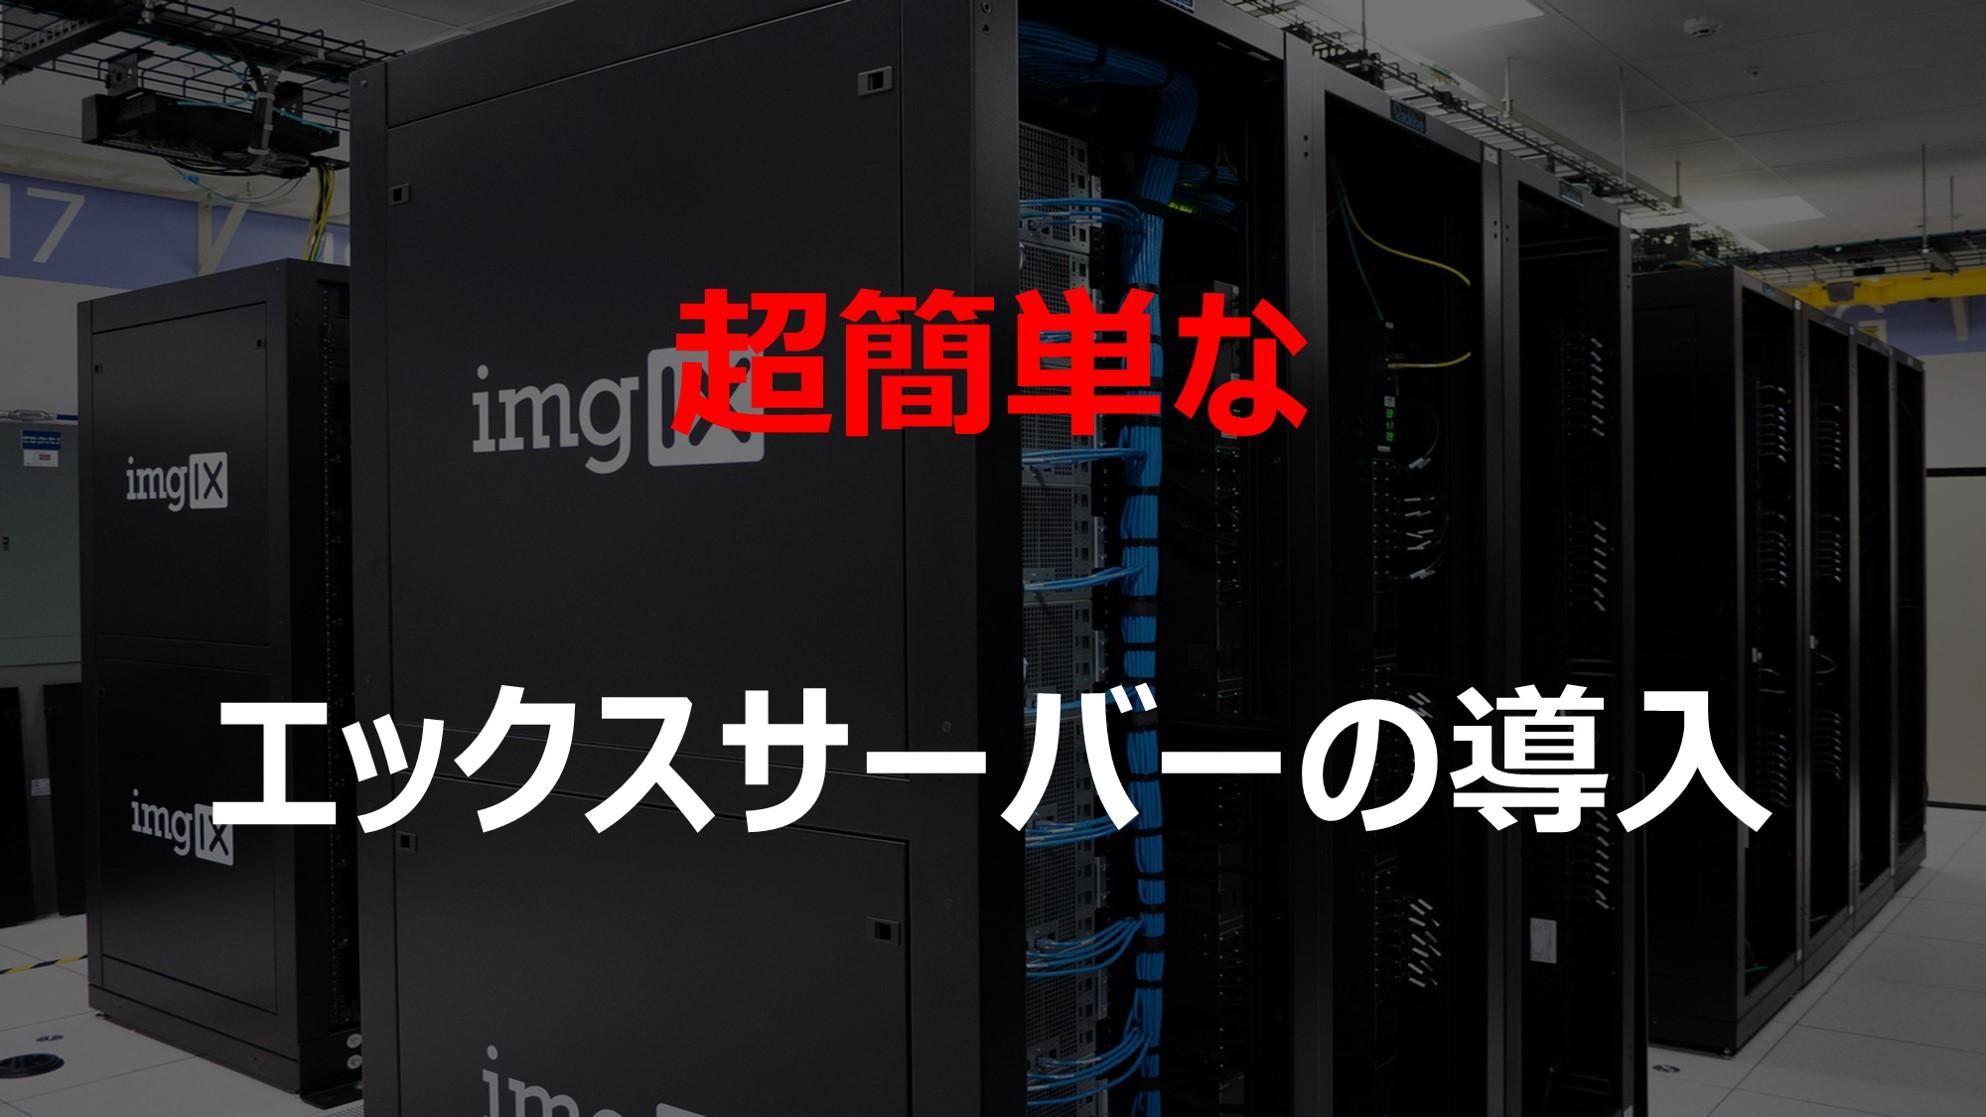 おすすめサーバー(Xサーバー)の導入方法